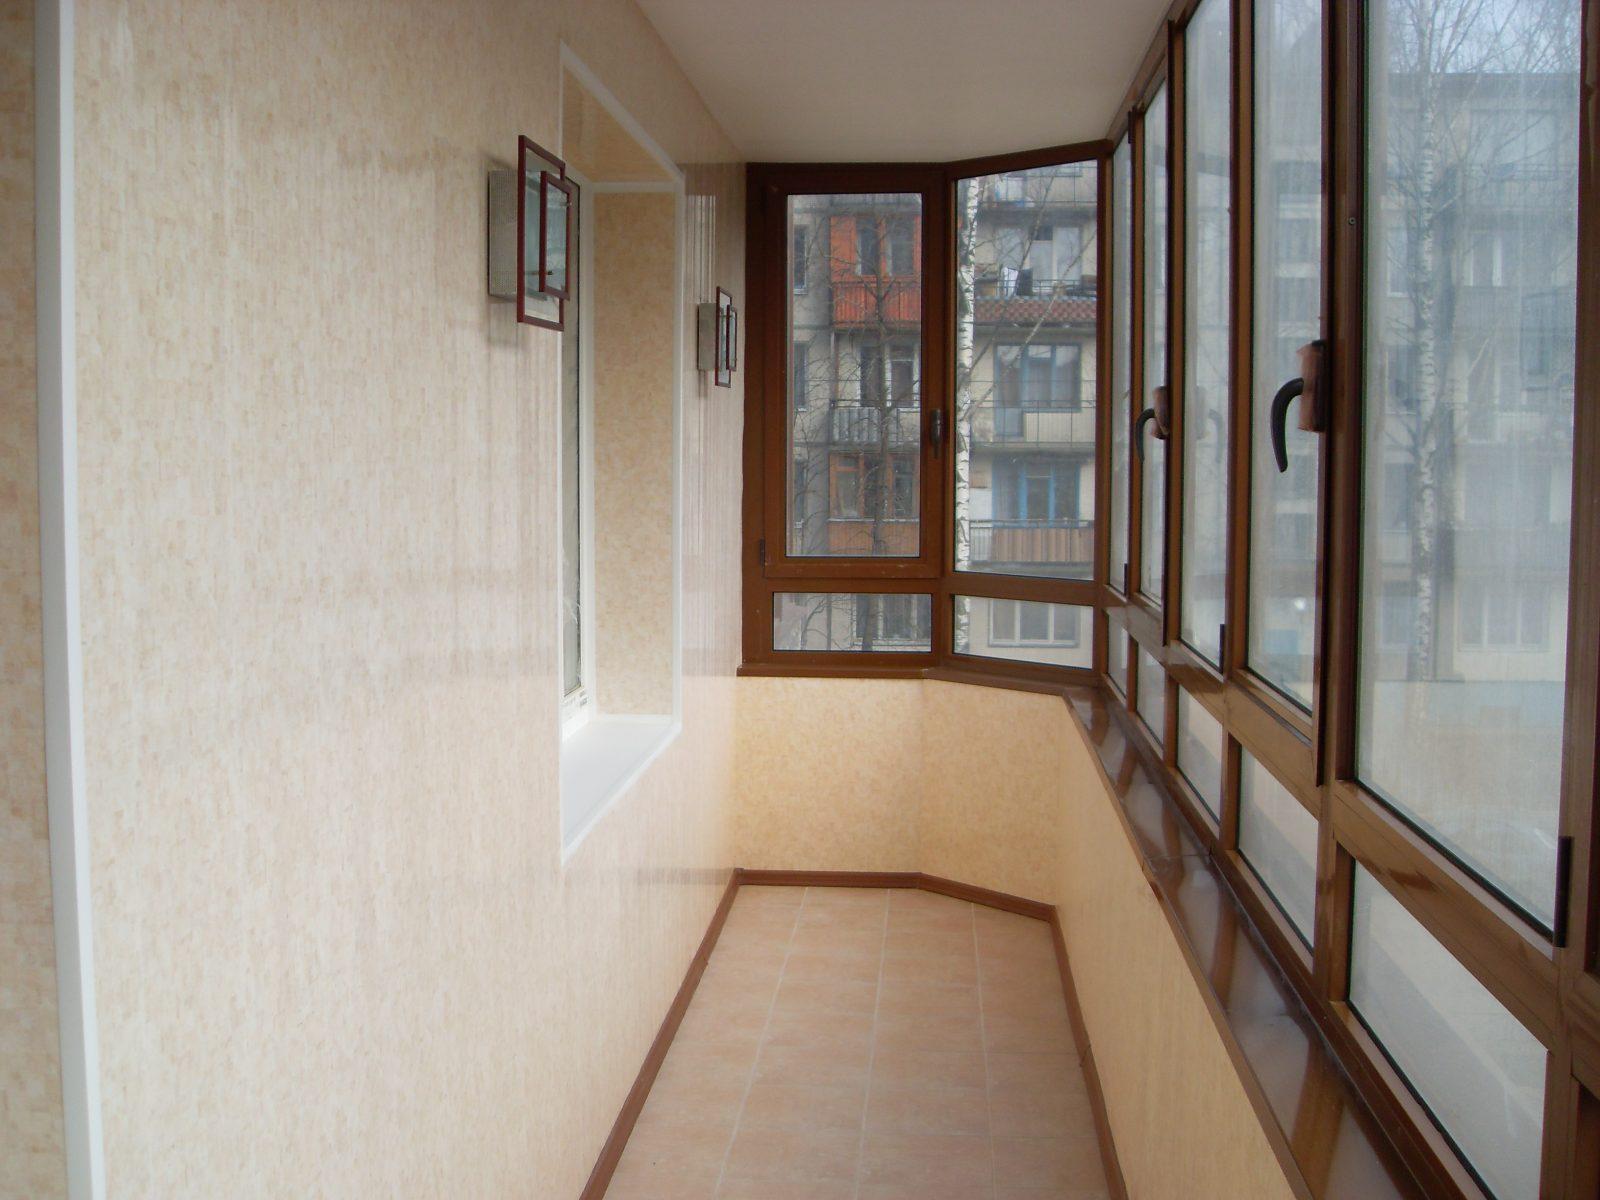 Ремонт балкона в Санкт-Петербурге